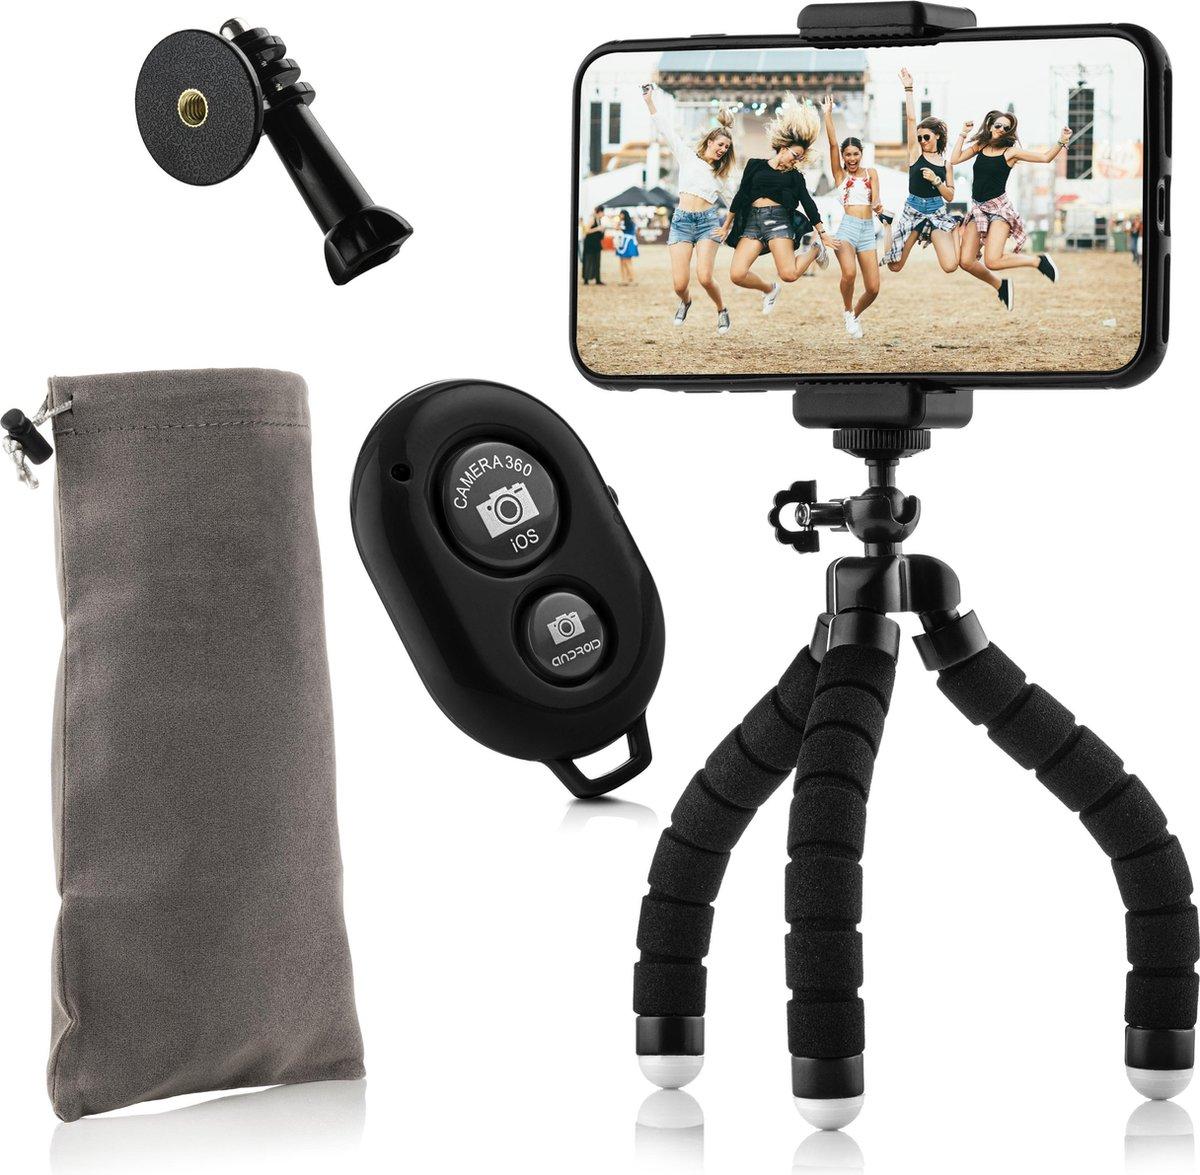 MOJOGEAR Flexibel mini-statief KIT: met telefoonhouder, bluetooth remote, GoPro-adapter & opbergzakj